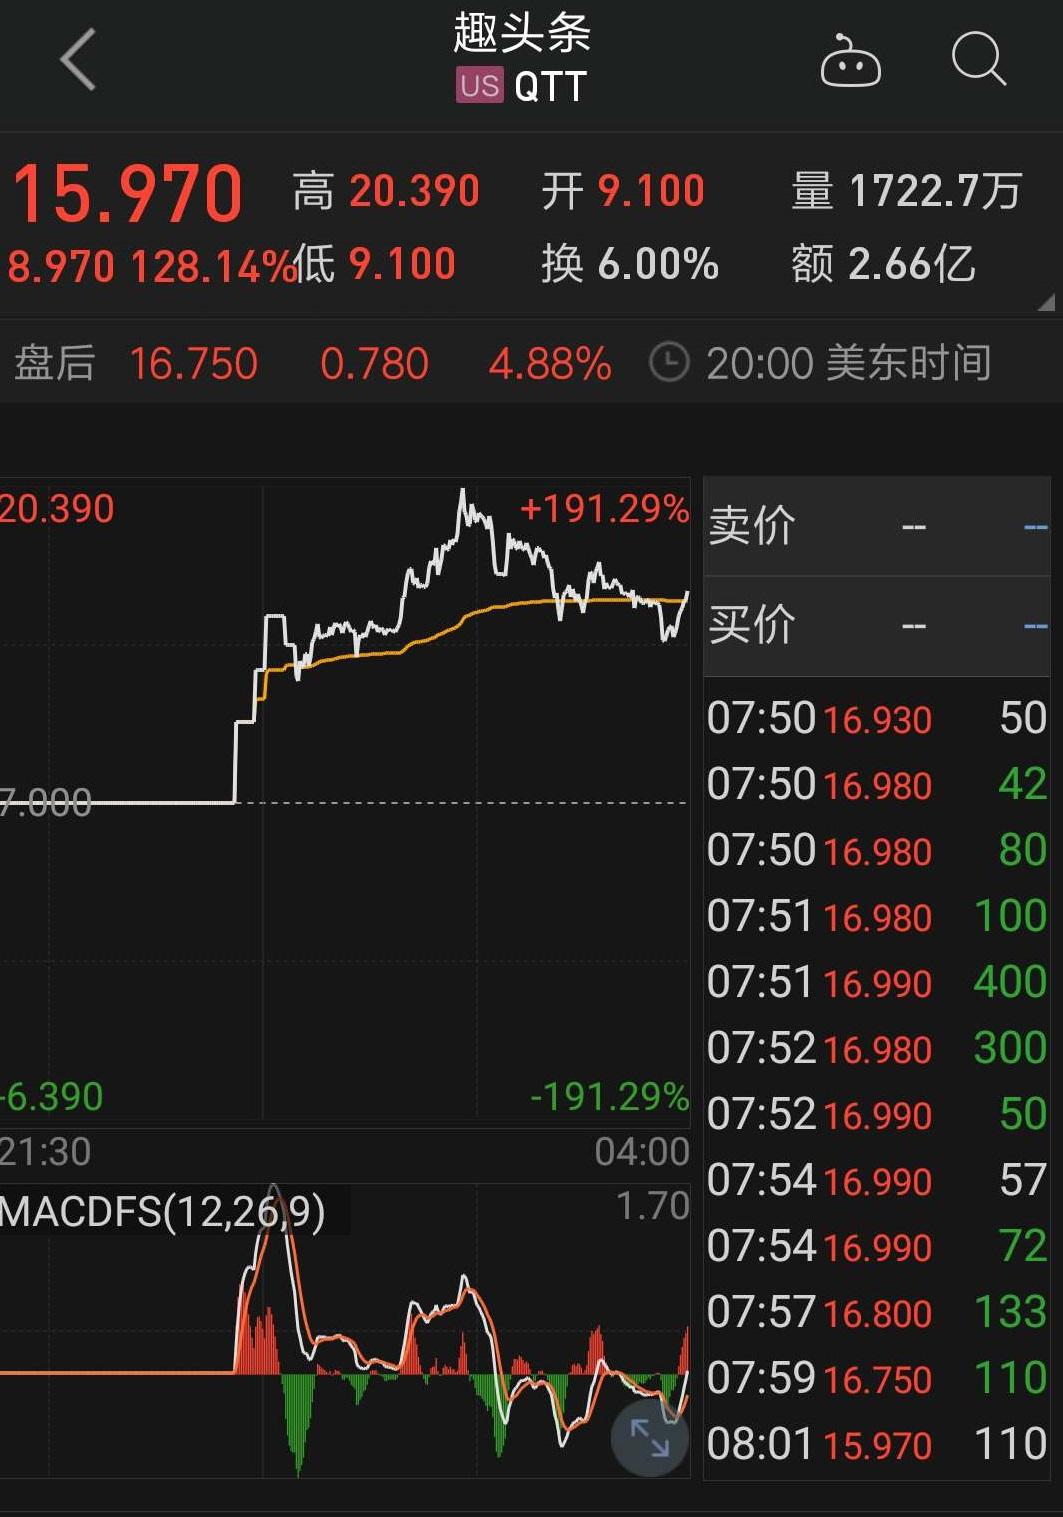 趣头条上市首日暴涨128%,刷新今年美股IPO首日最高涨幅